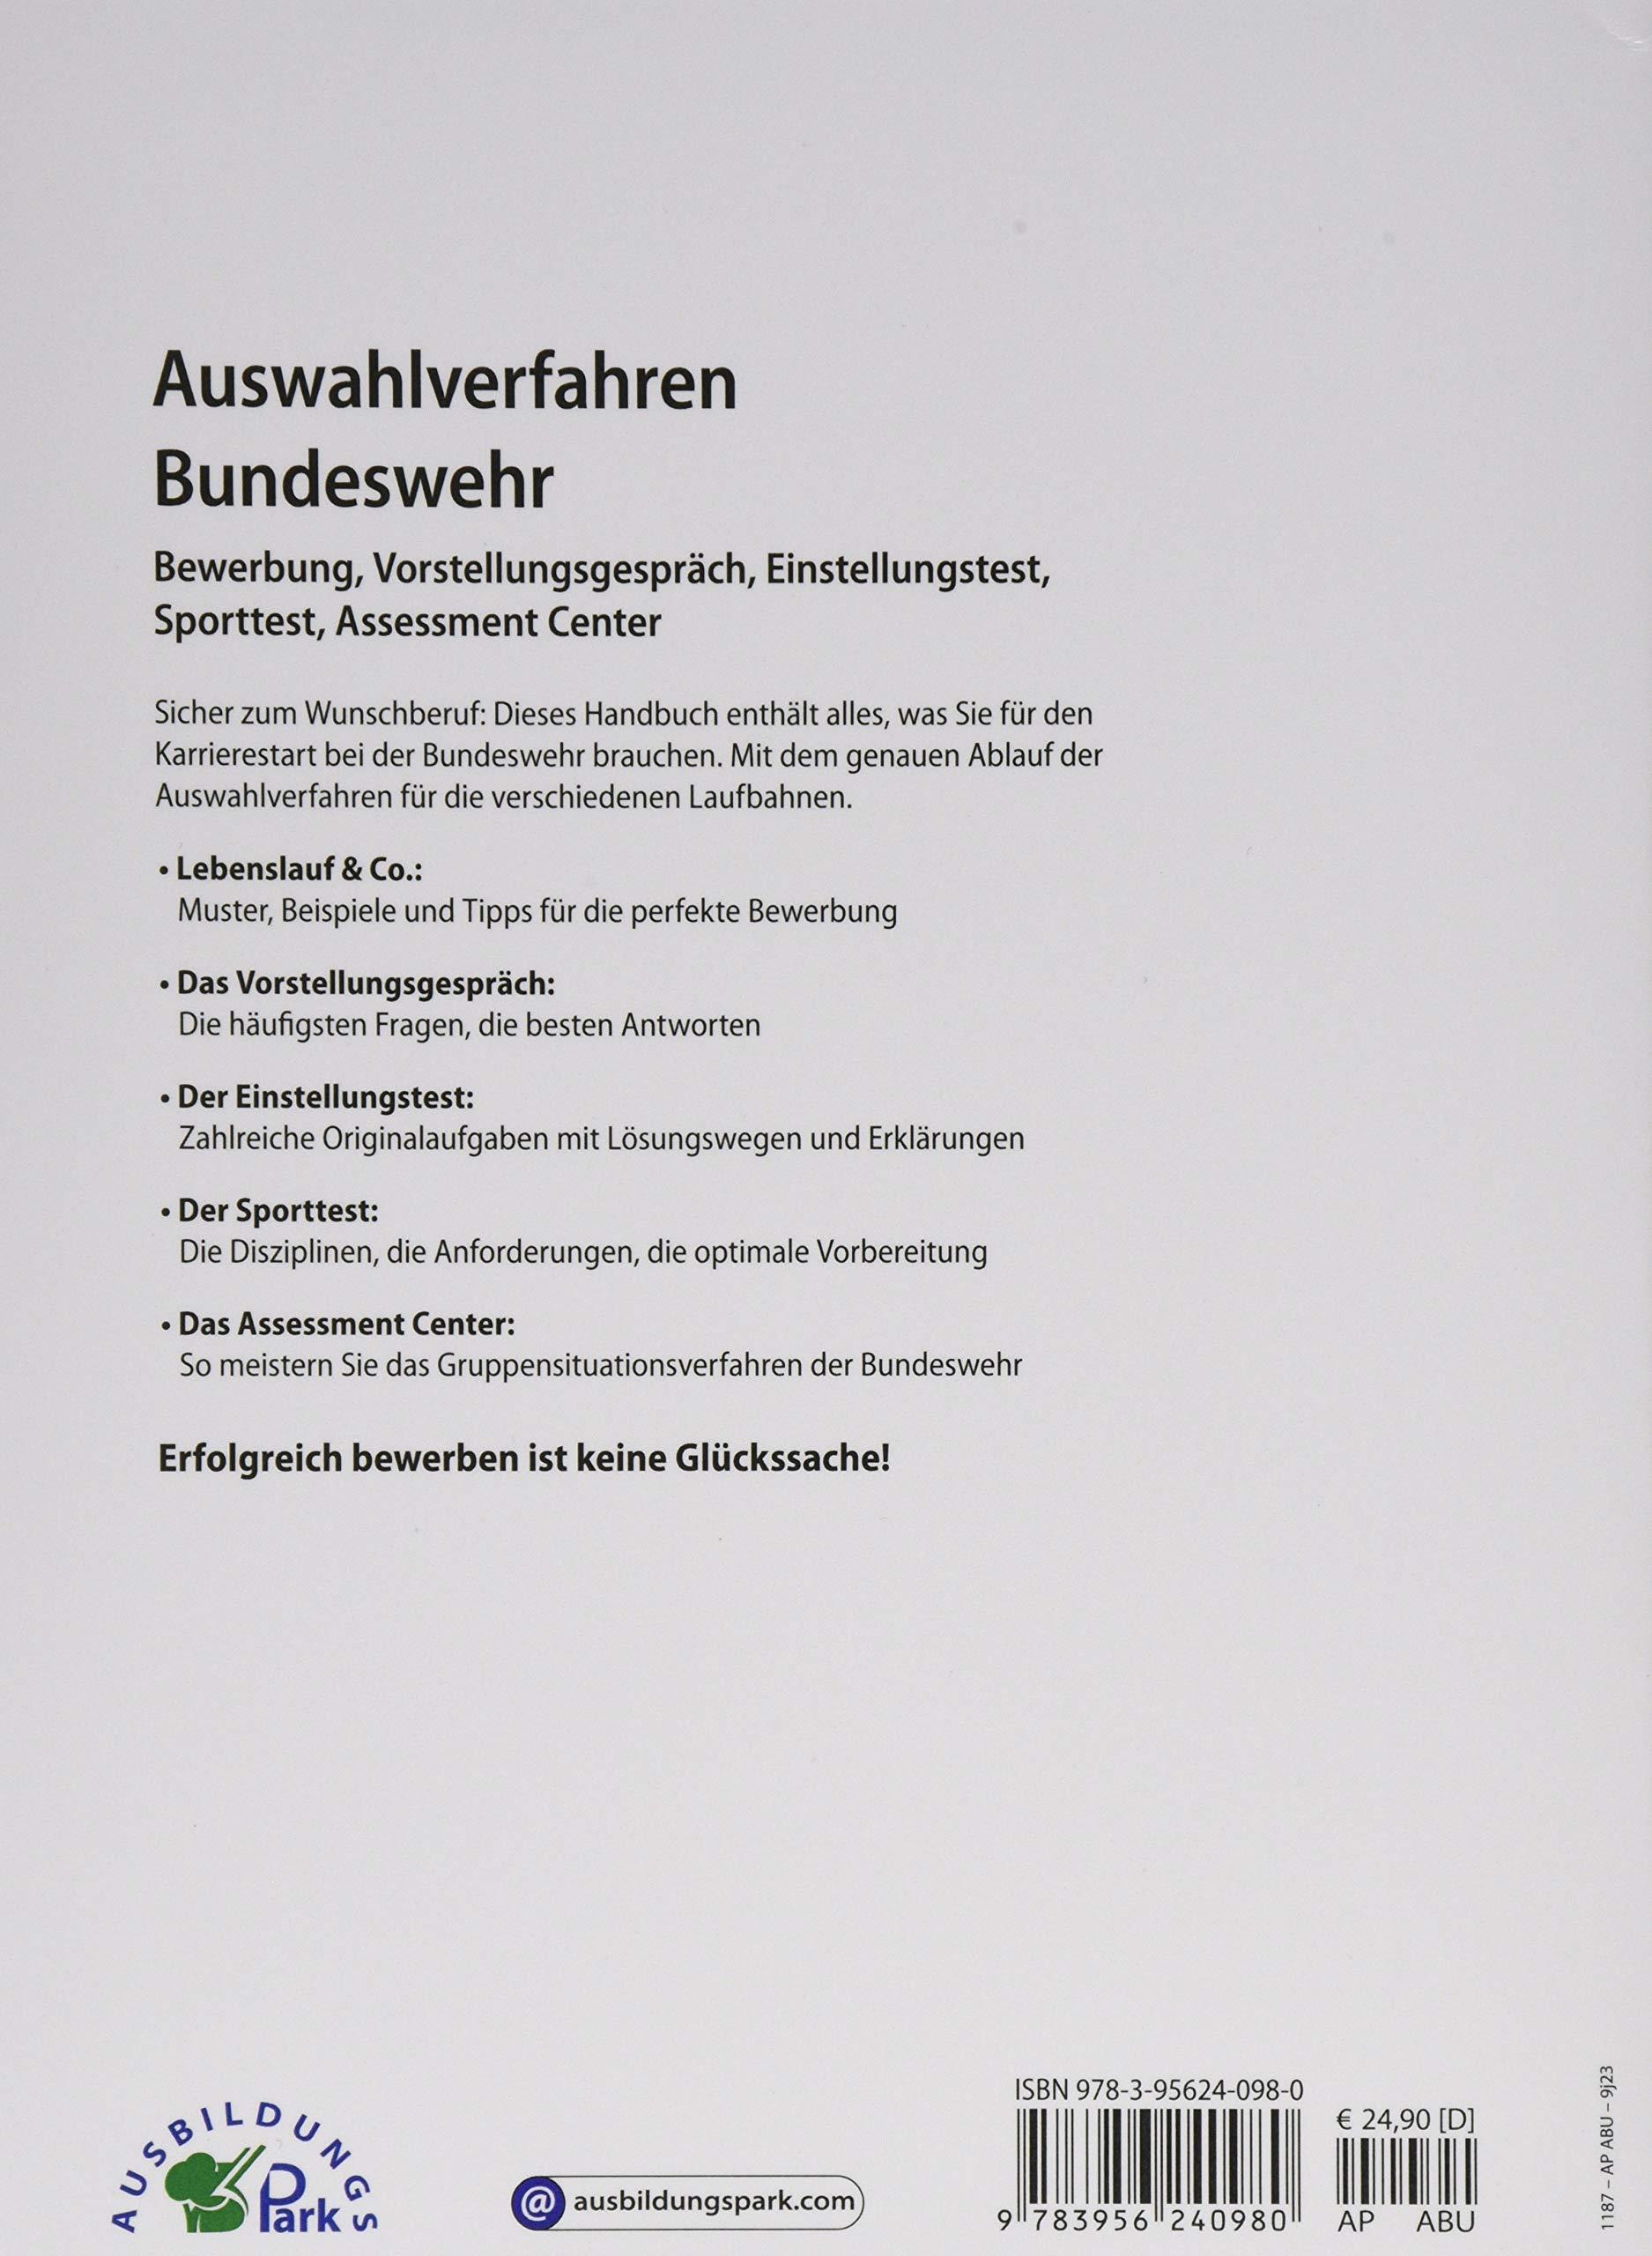 Fabelhaft Bewerbung Bundeswehr Offizier Vorlage 6